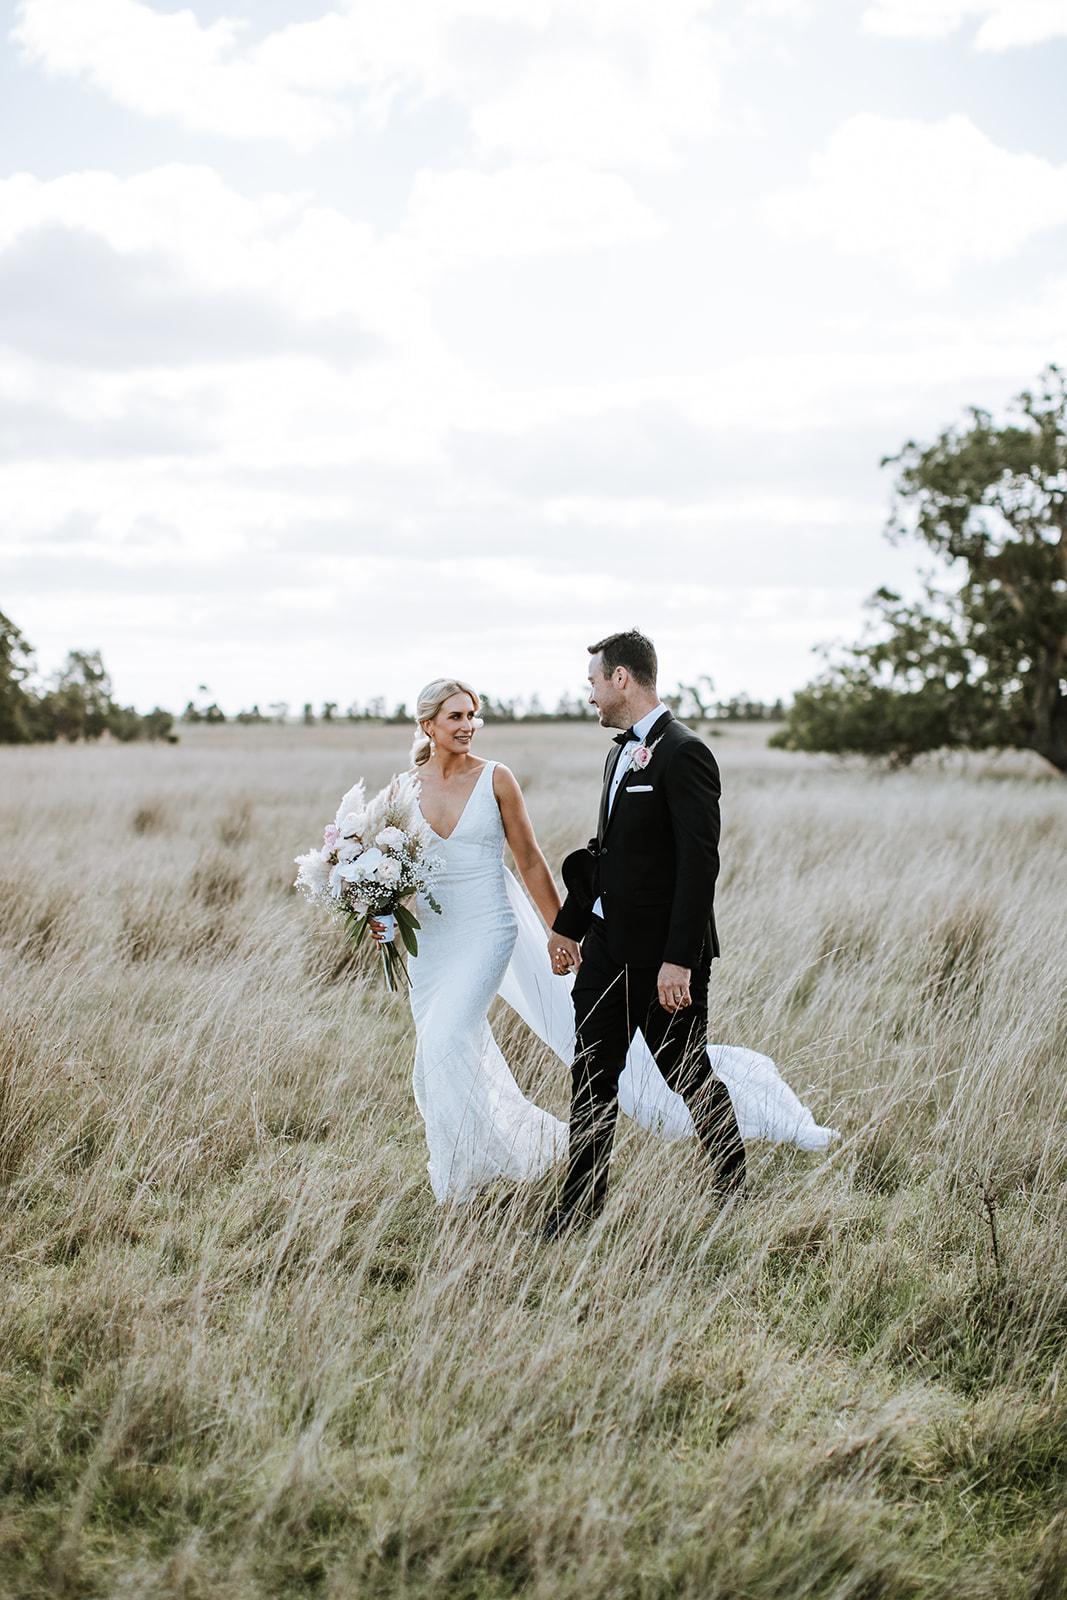 Natural outdoor wedding venue